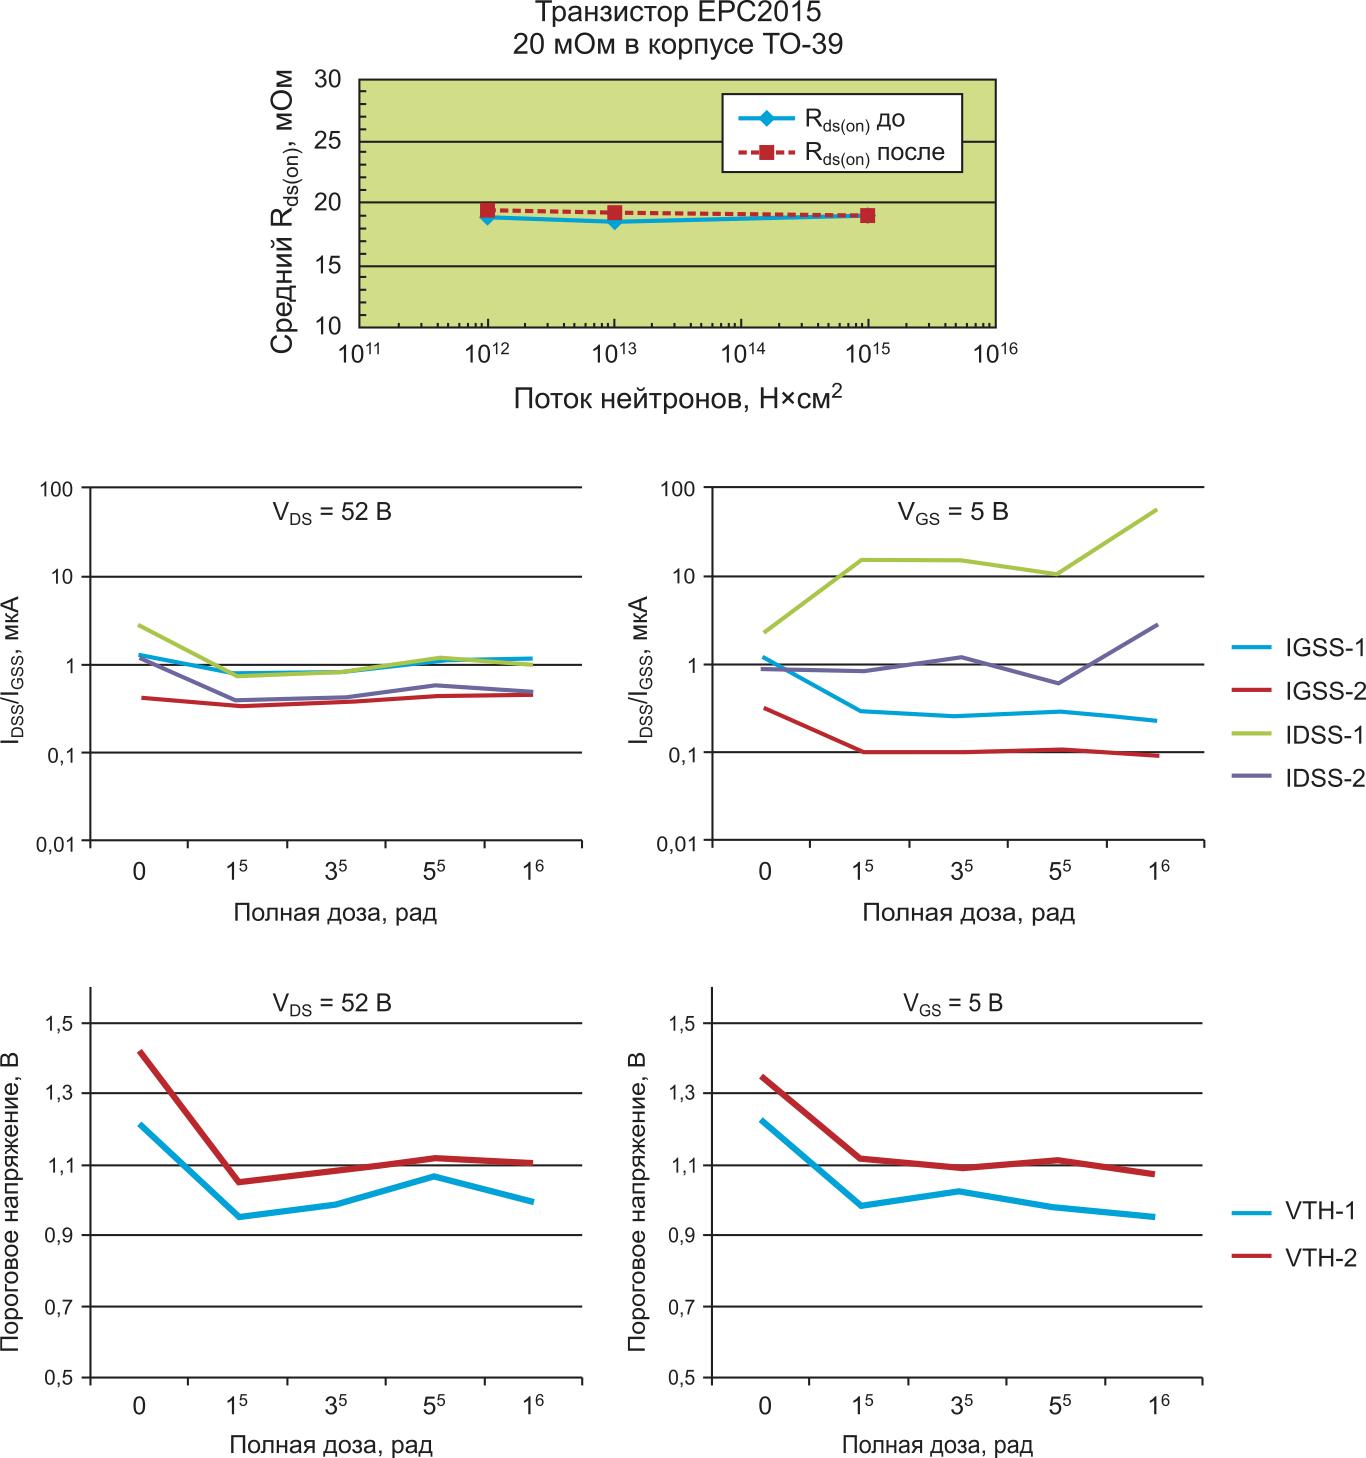 Исследования радиационной стойкости GaN-Si MOSFET компании EPC